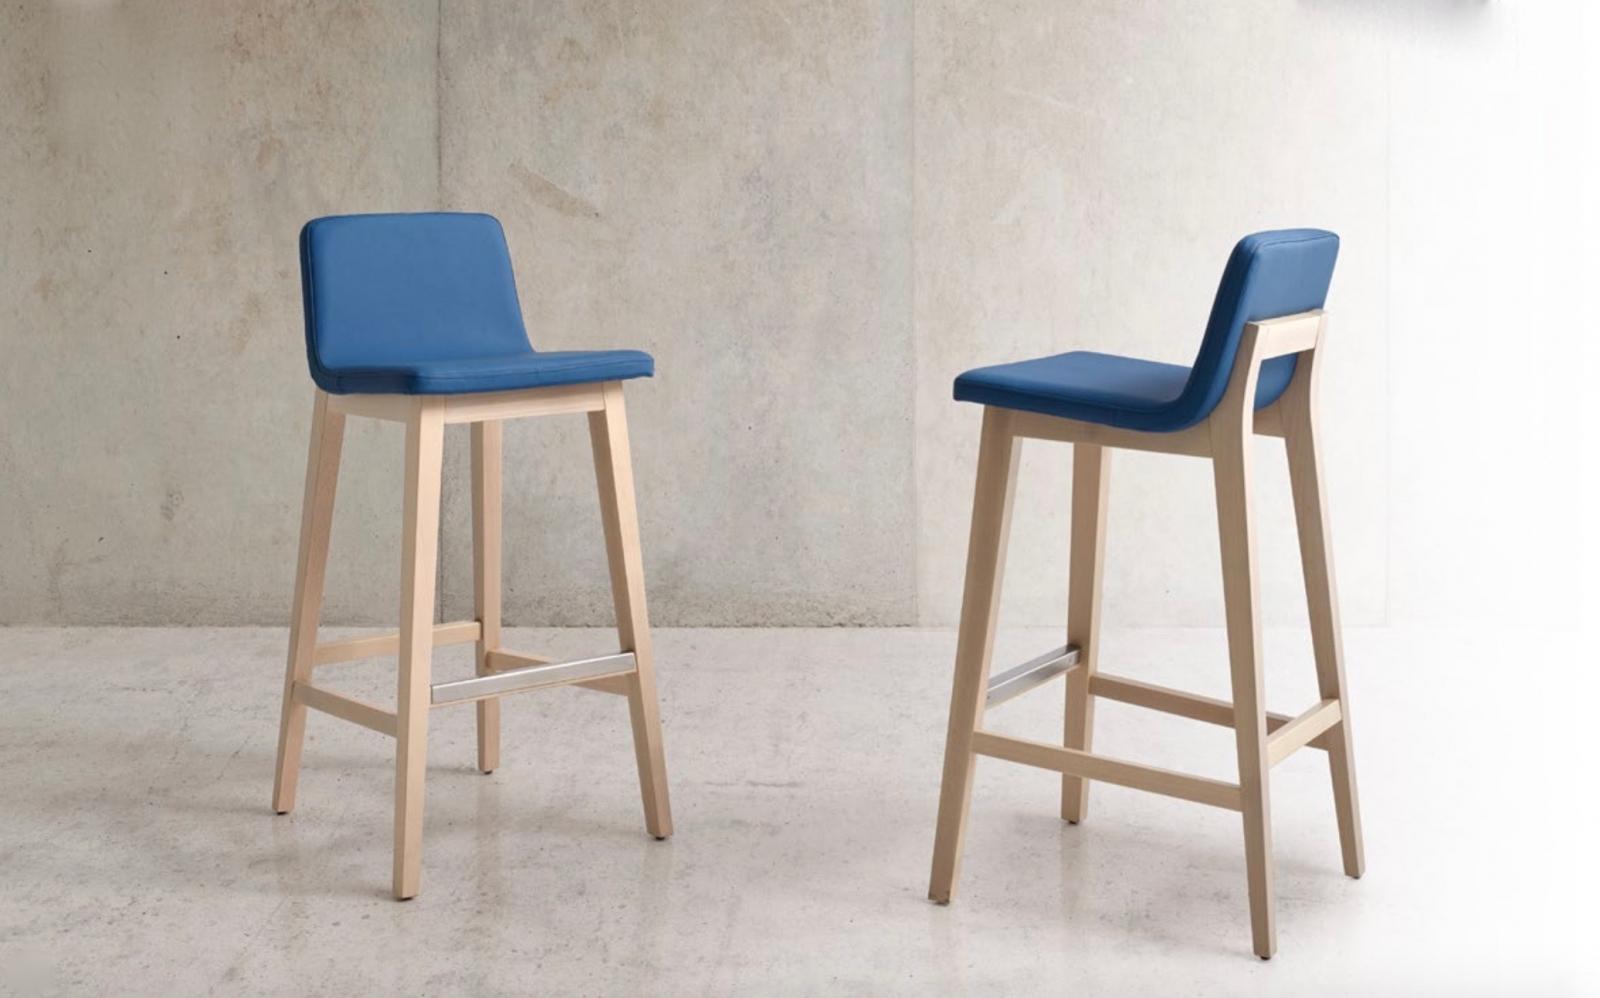 Taburete Blex moderno - Taburete Blex, silla alta con un tapizado de excelente calidad y madera de haya.  Moderno y cómodo.